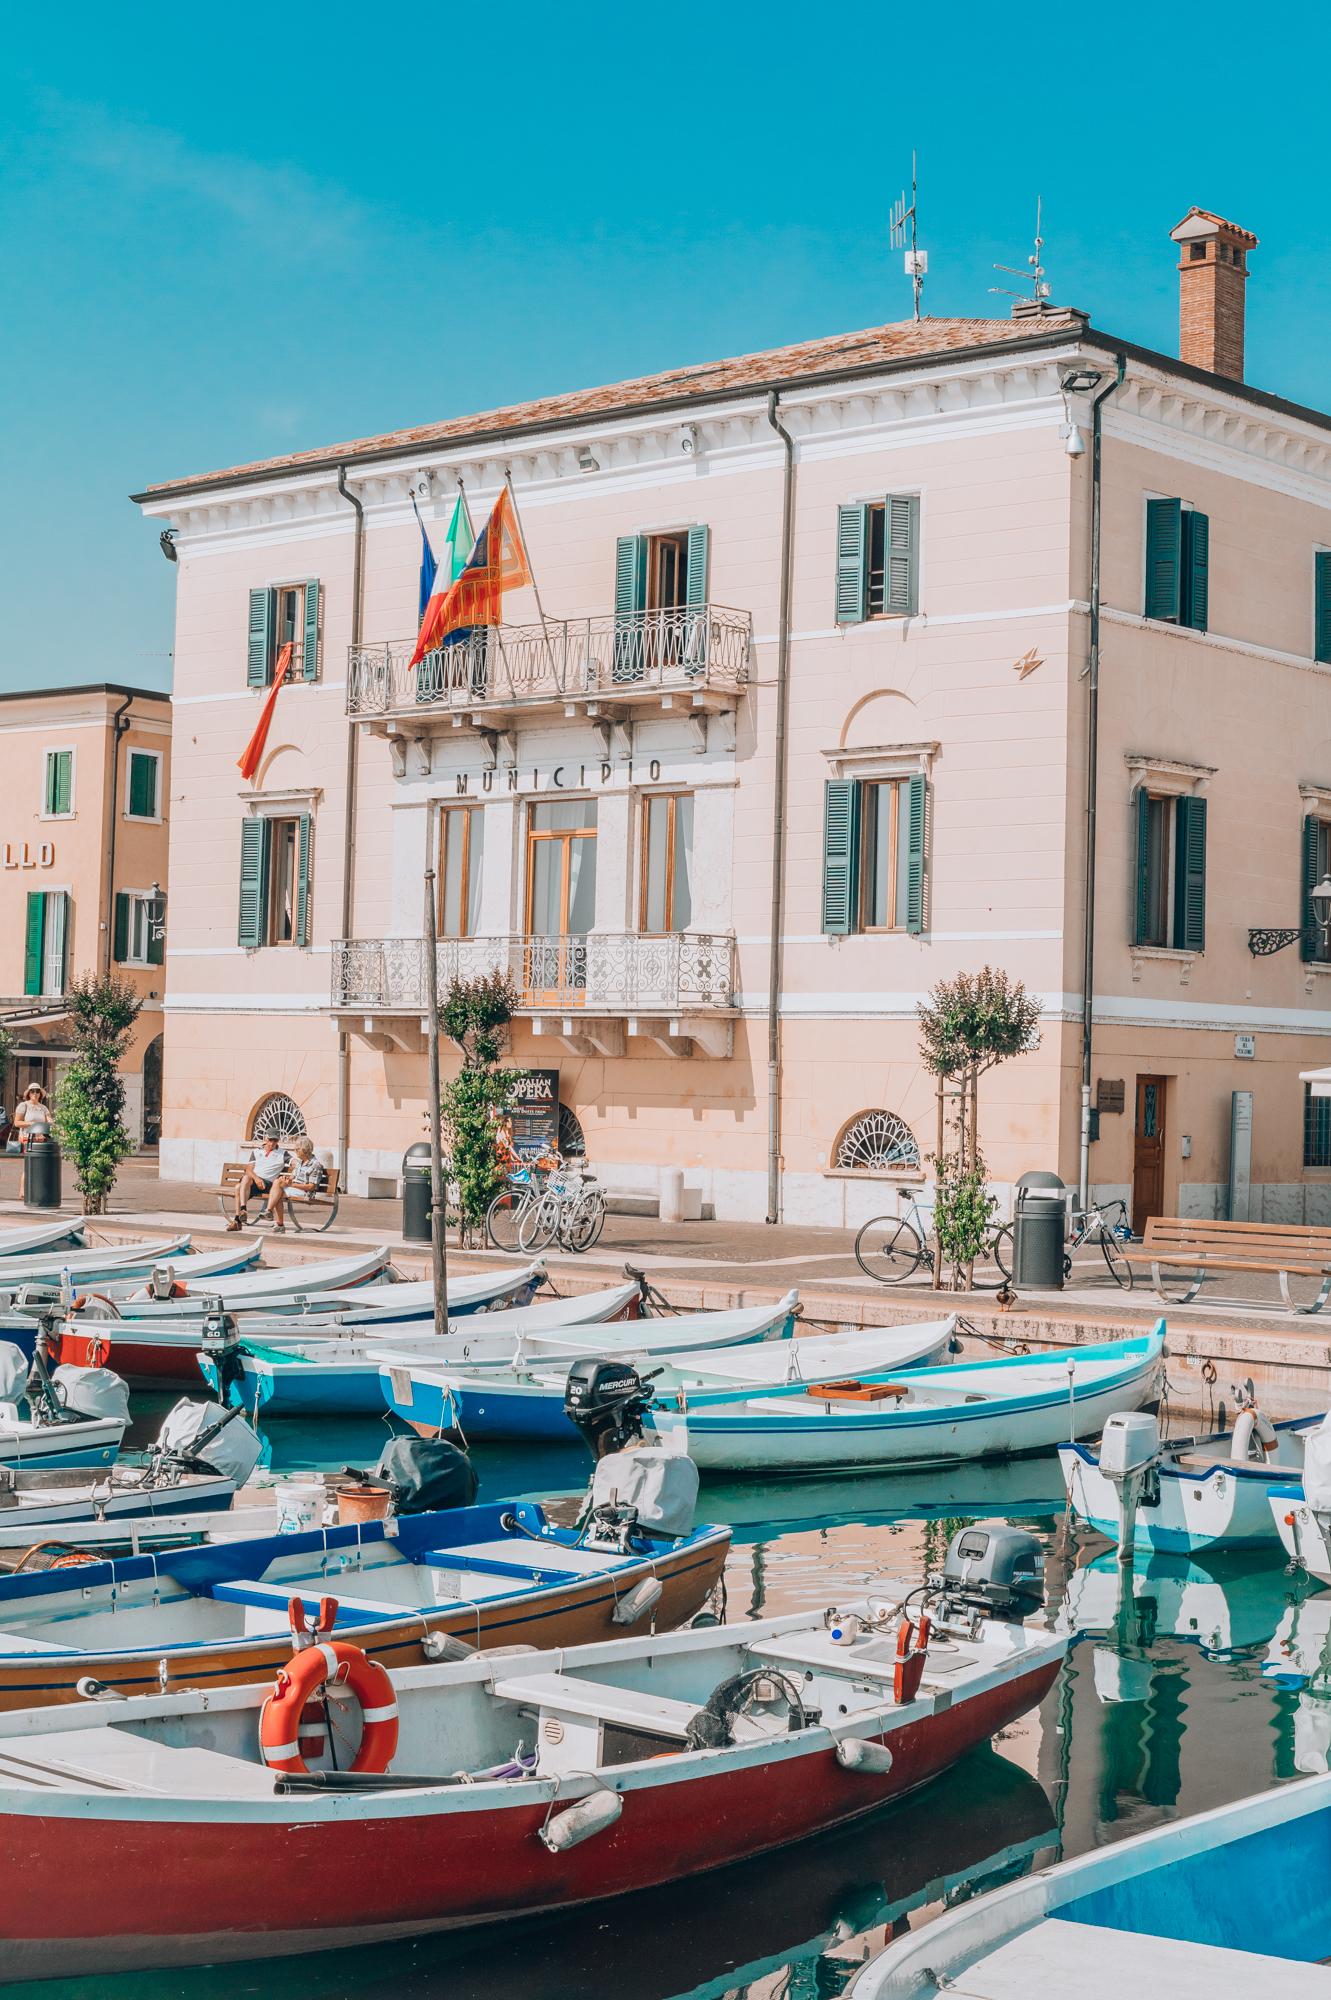 lake garda primetime chaos summer outfit travel tips italy italien italia lago di garda gardasee bardolino